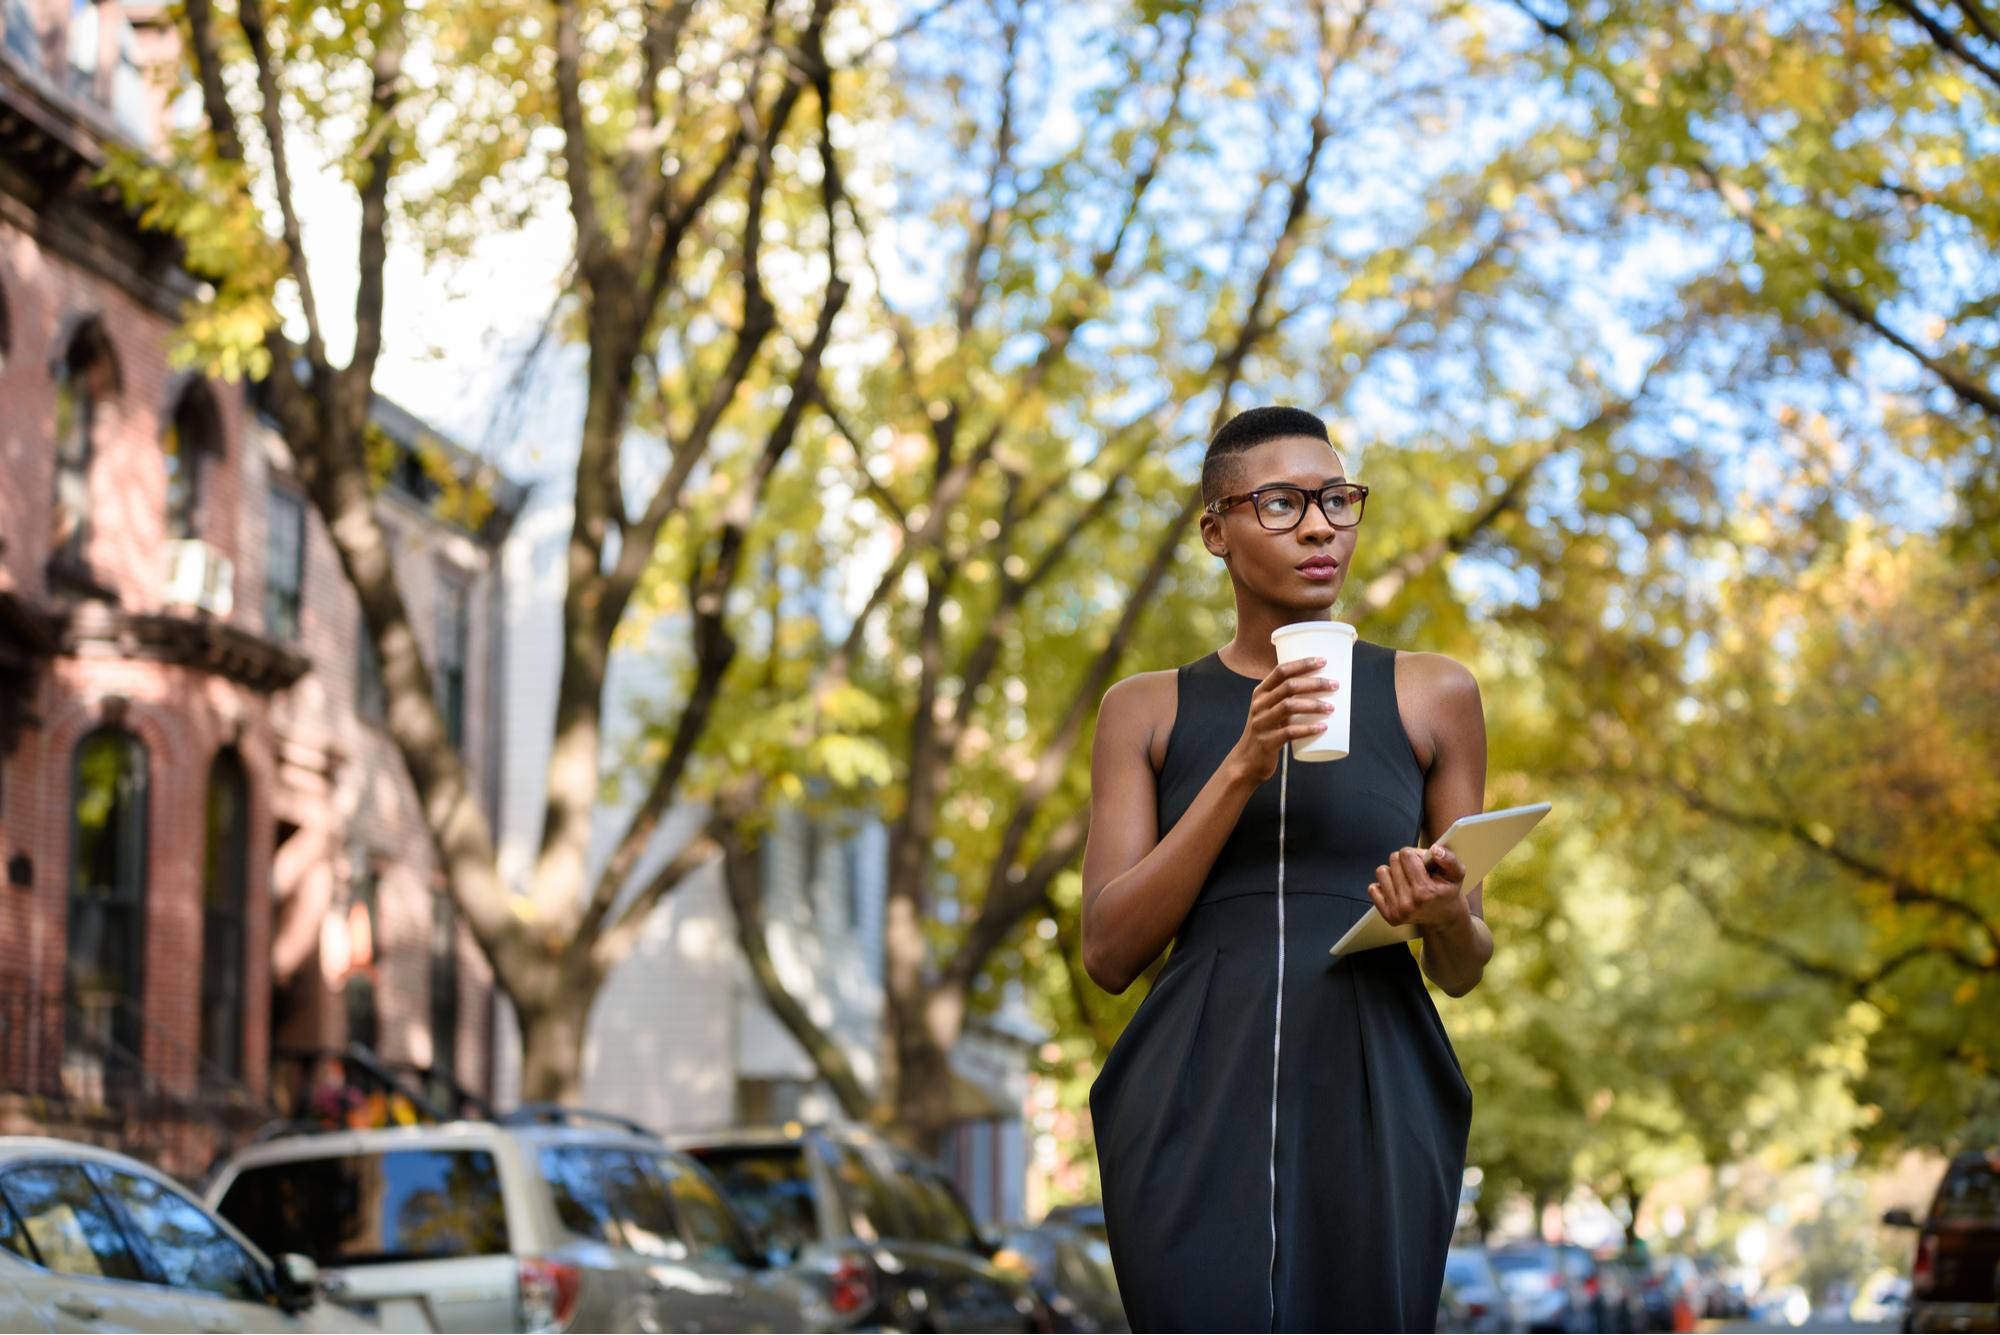 Jovem mulher de negócios na África andando na rua.72ppi